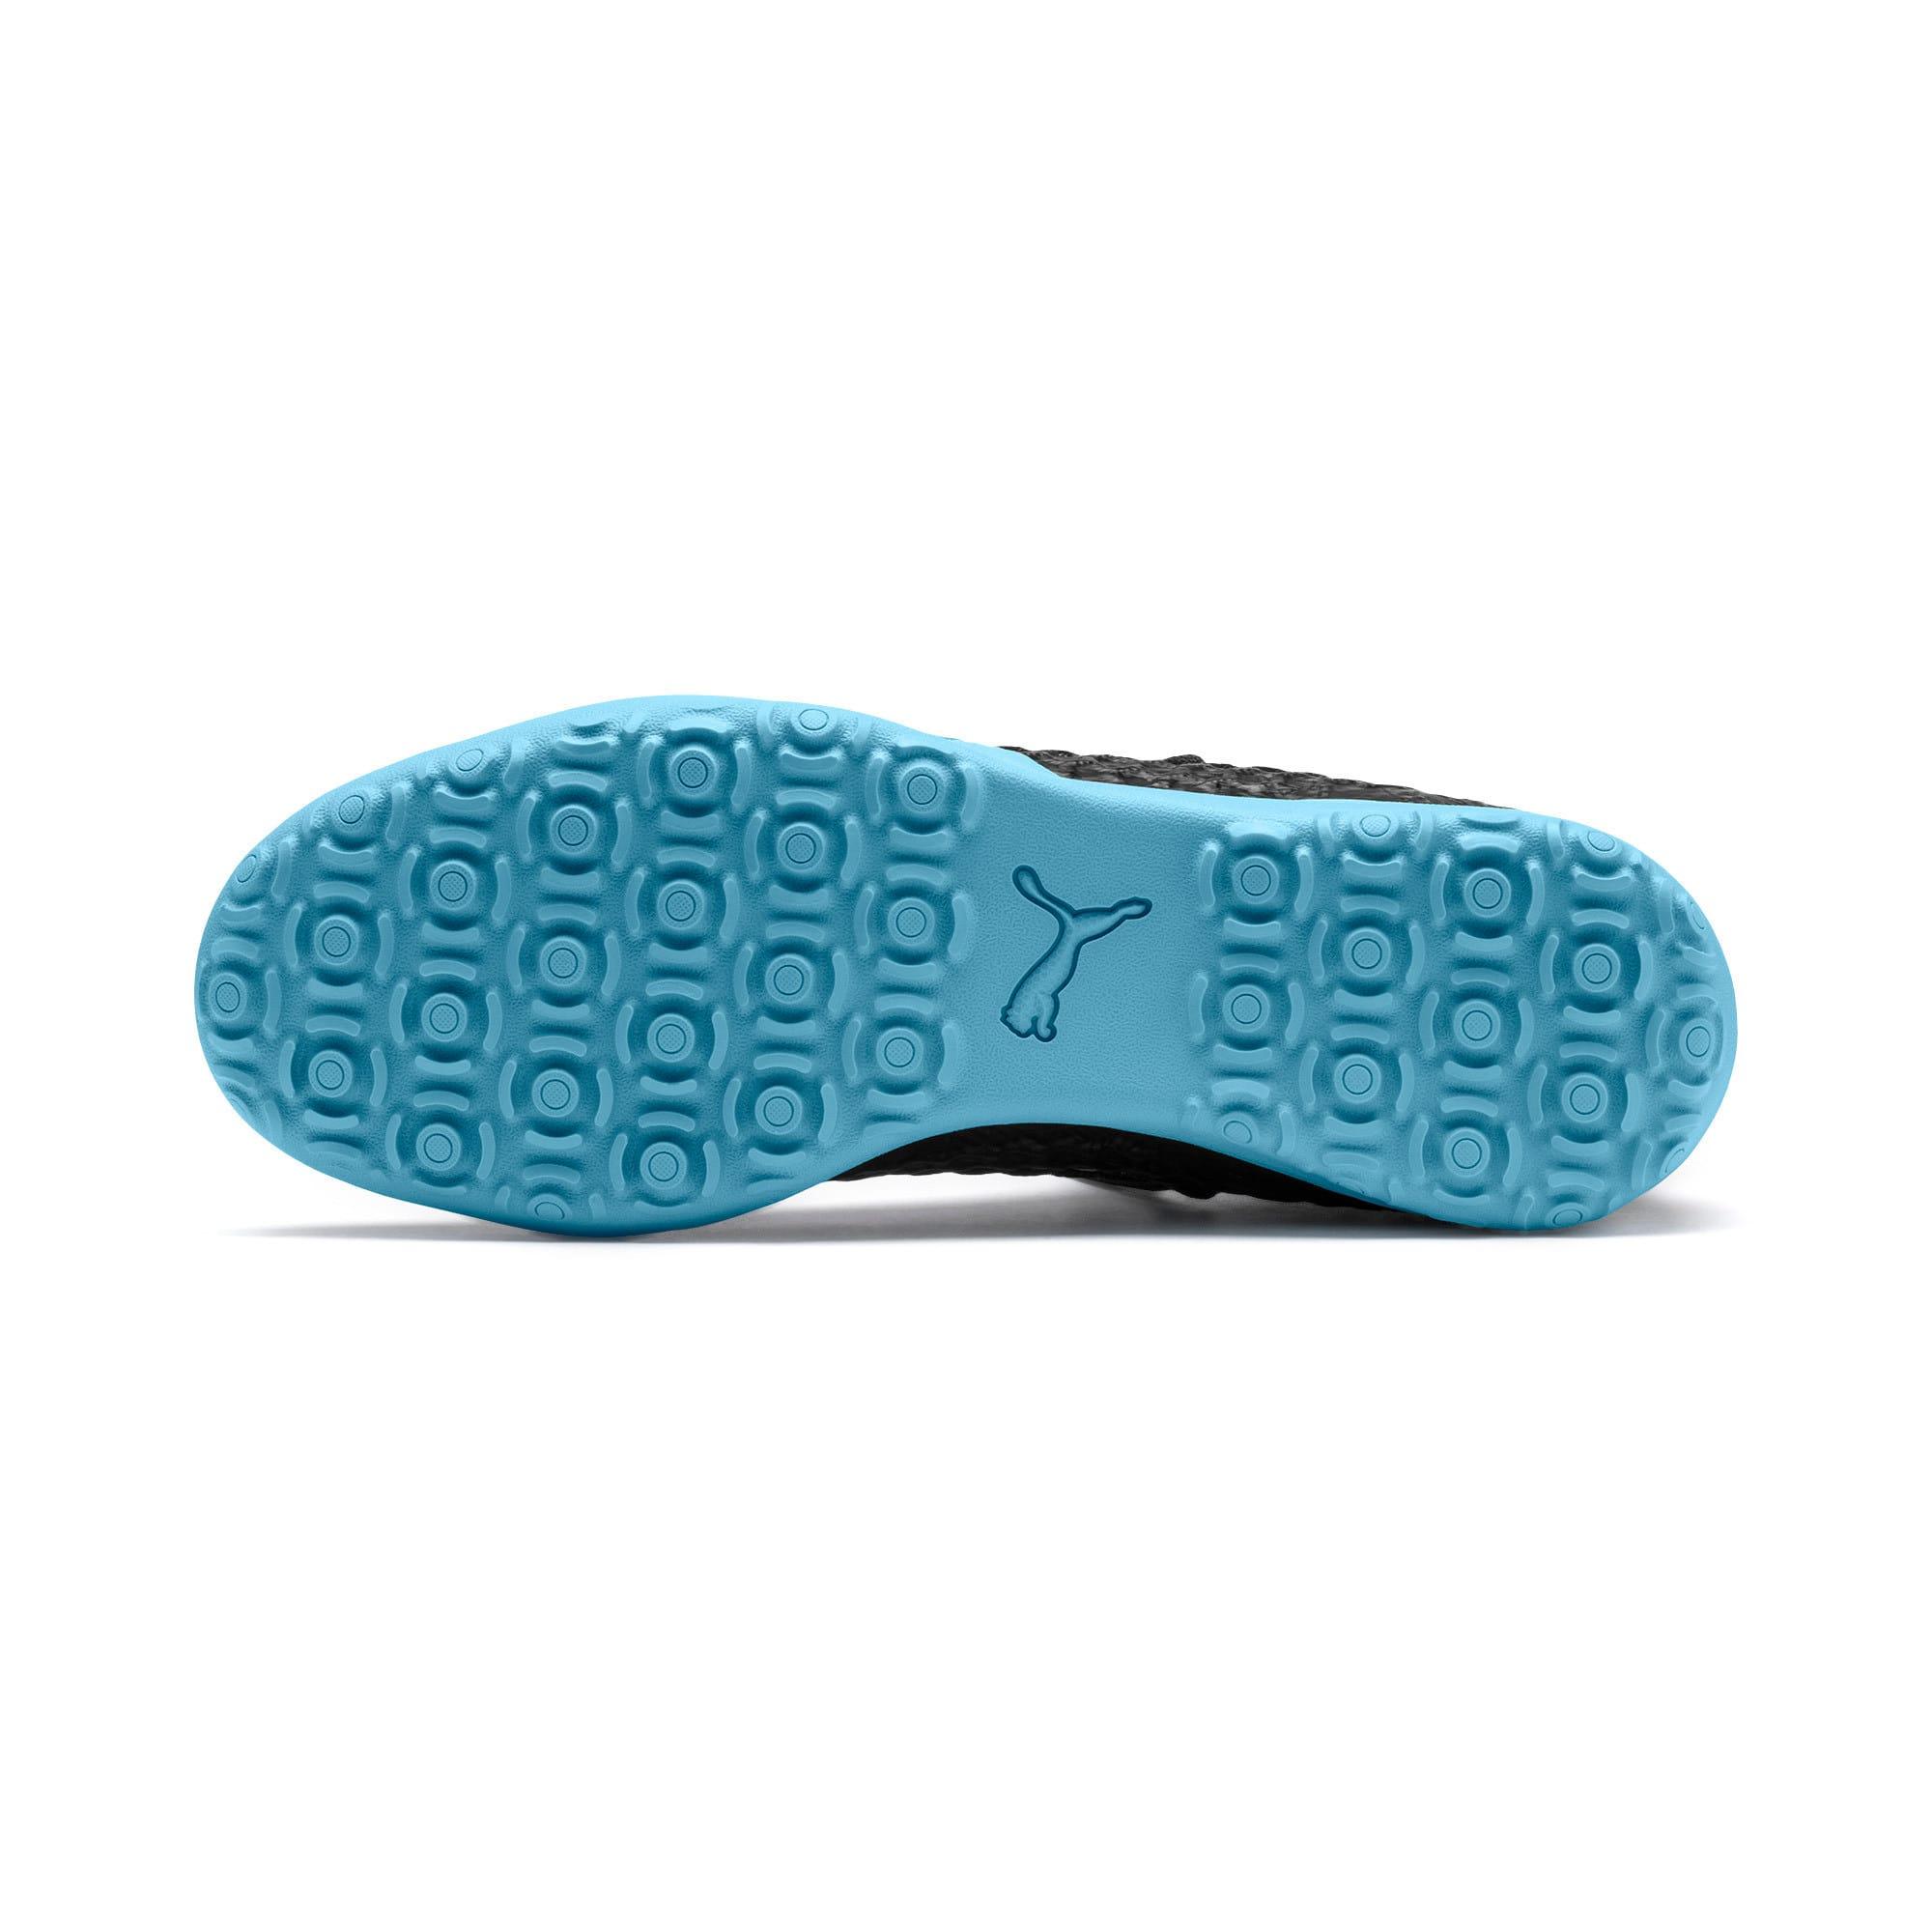 Thumbnail 5 of FUTURE 4.3 NETFIT City TT Men's Soccer Shoes, Black-Sky Blue-Puma White, medium